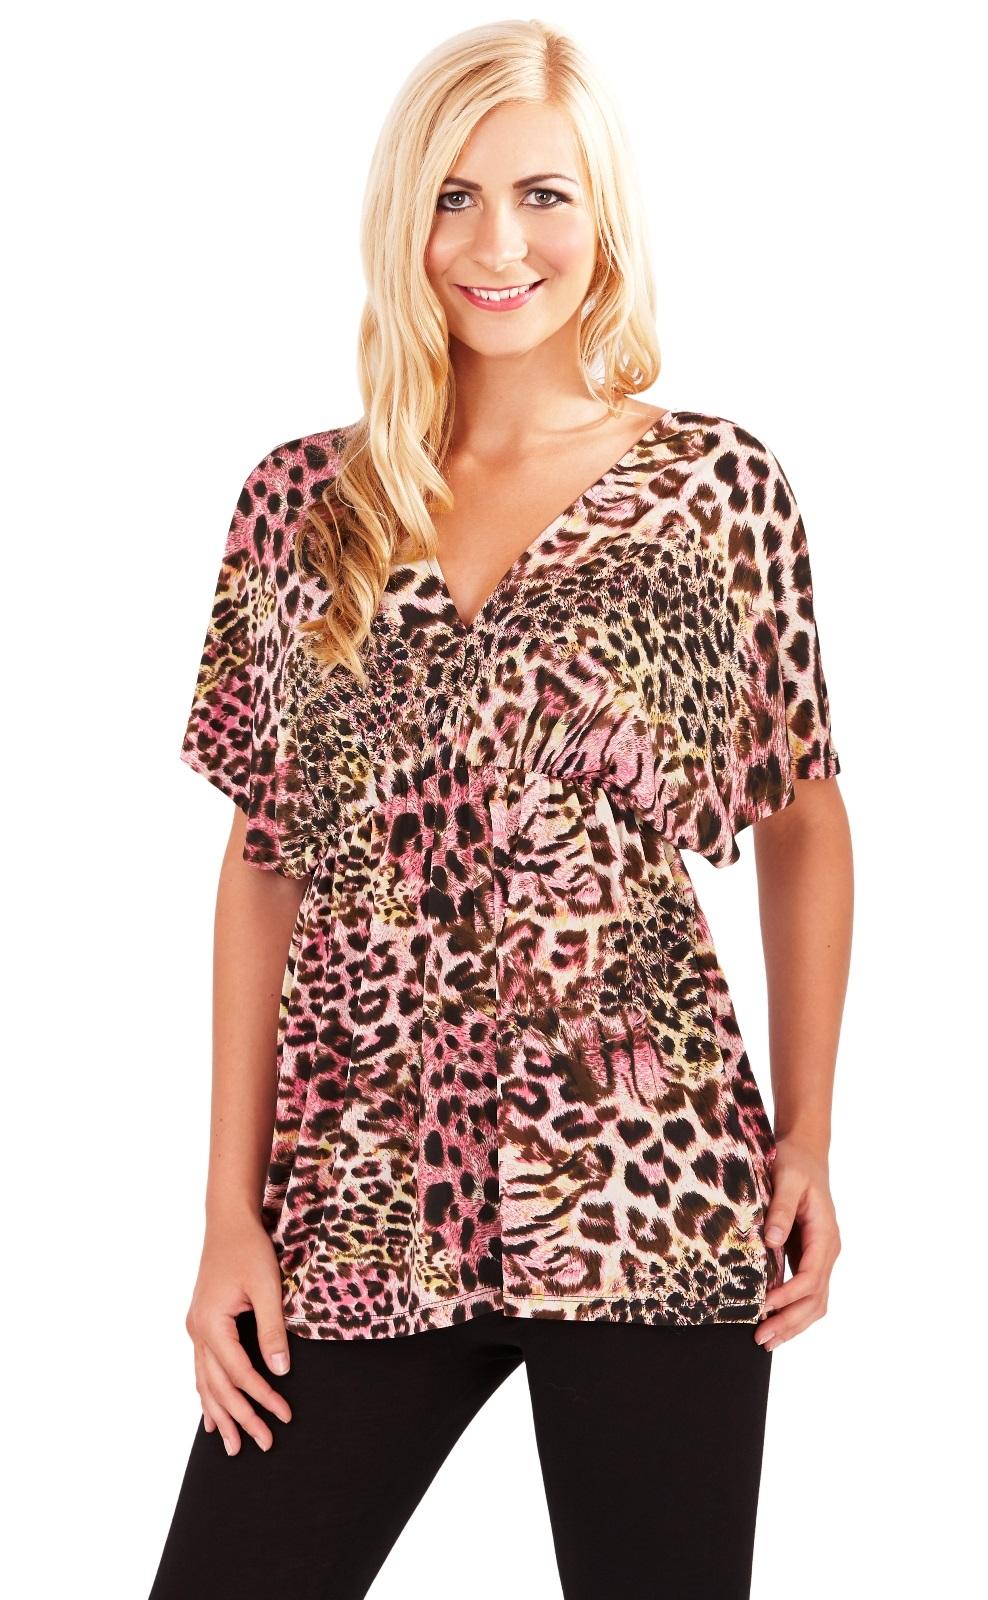 Womens Top Animal Print V Neck Short Sleeved Summer Blouse ...